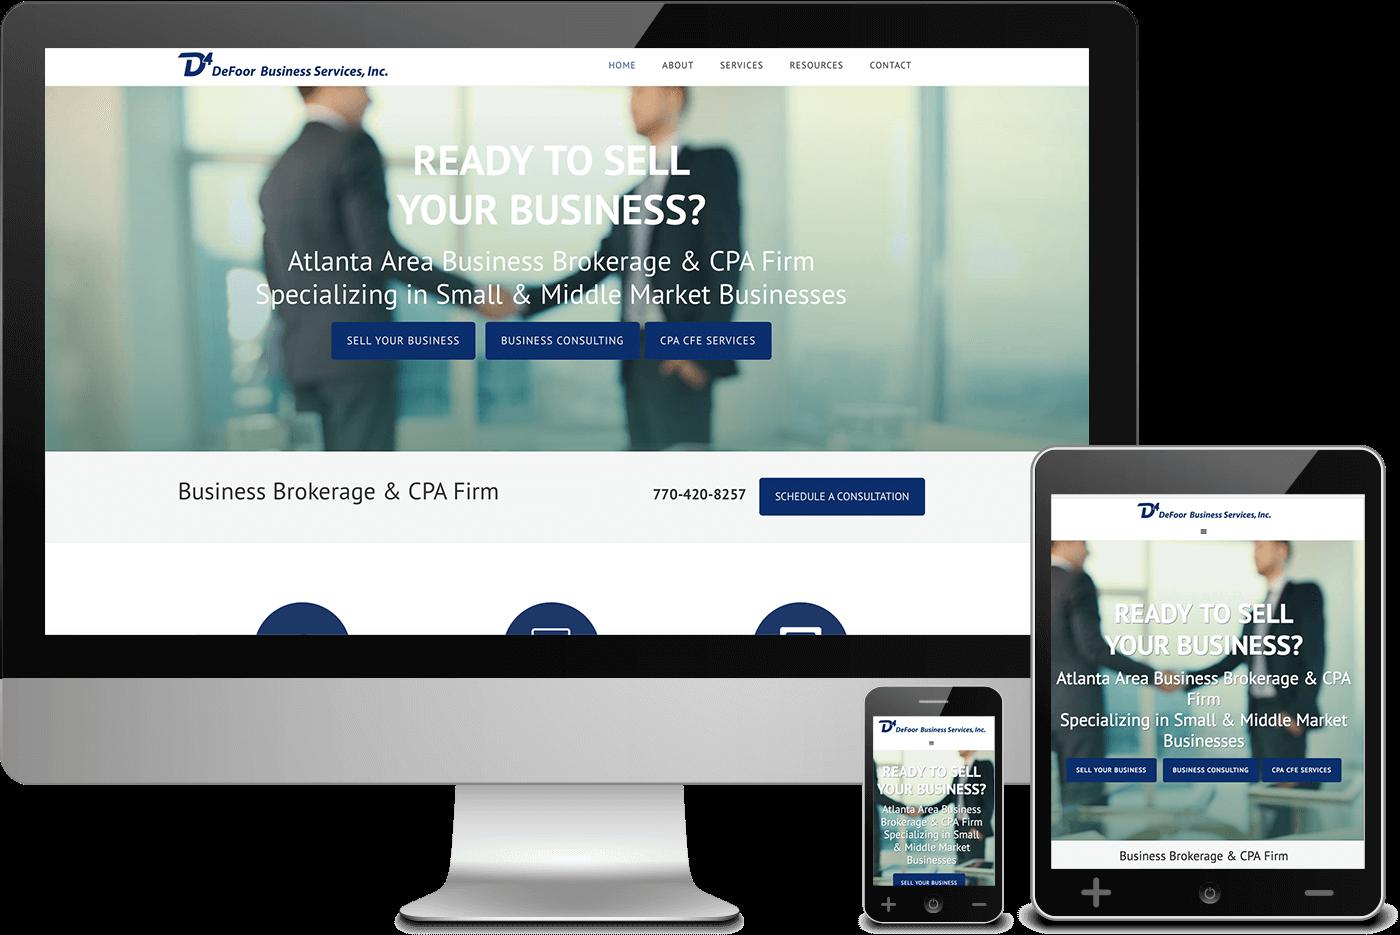 Defoor Services Mobile Responsive Web Design Screenshots